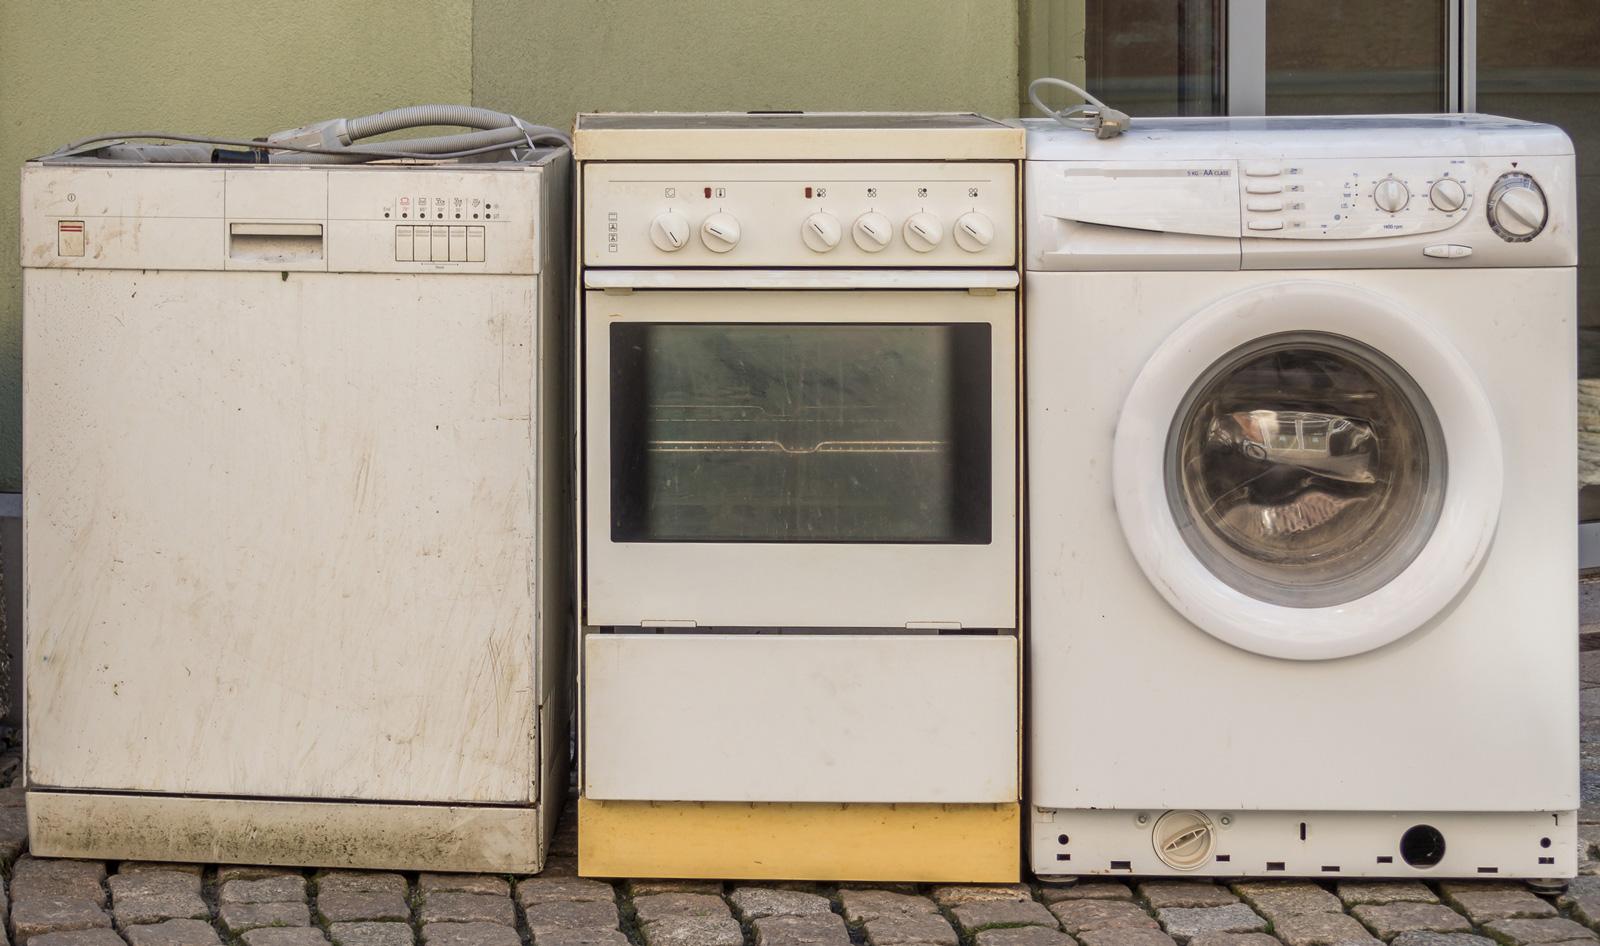 Ausrangieren lohnt sich. Produkte werden immer energieeffizienter.